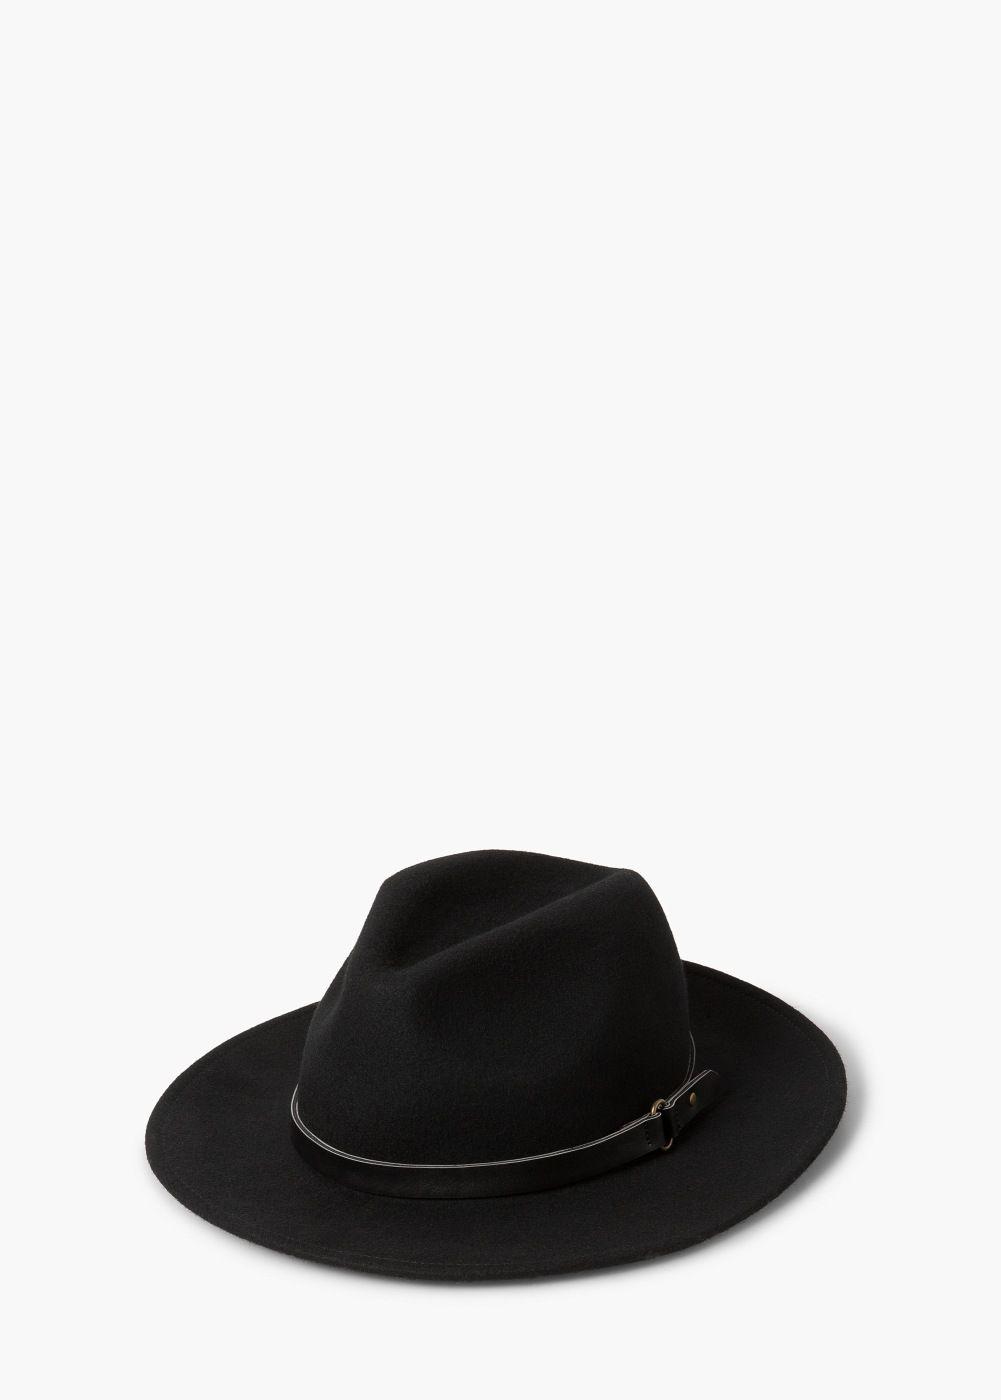 73972dbf611a2 Sombrero fedora lana - Más accesorios de Mujer